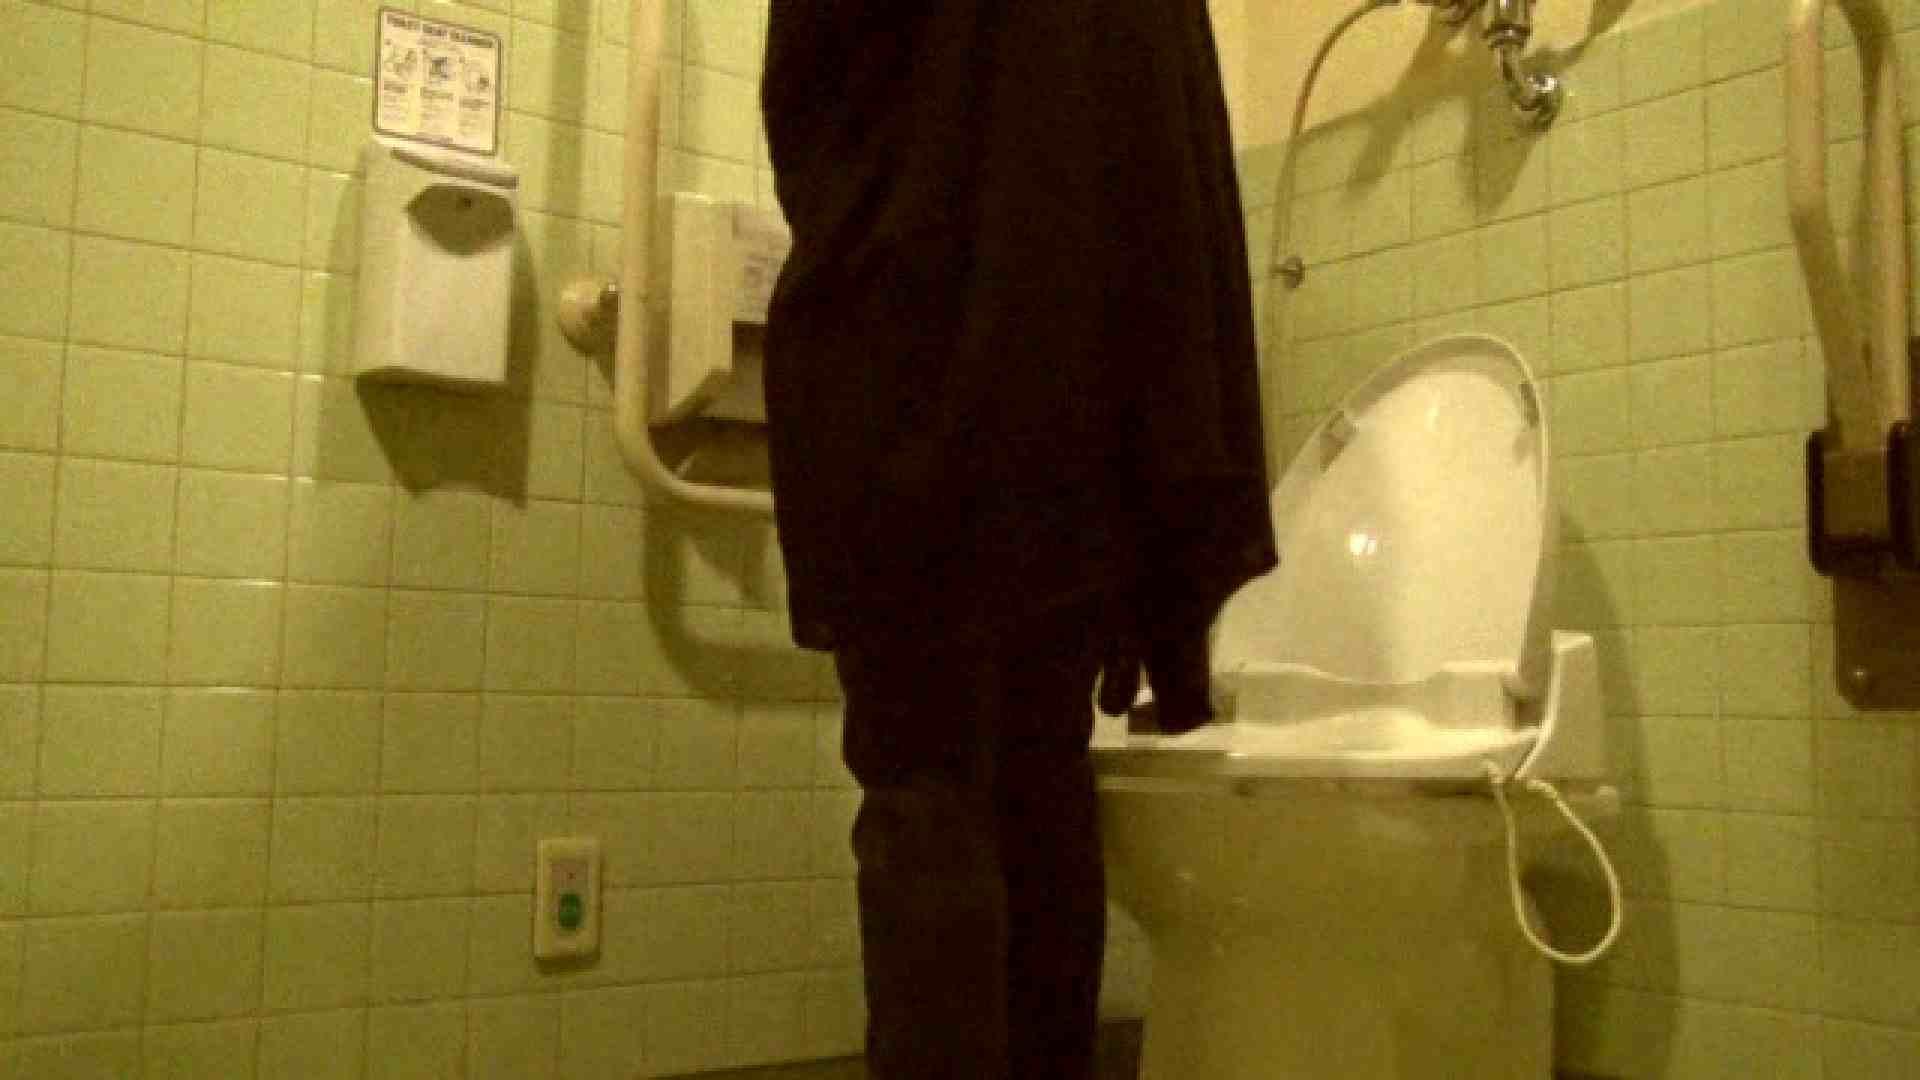 魔術師の お・も・て・な・し vol.26 19歳のバーの店員さんの洗面所をしばし… OLの実態  90pic 21